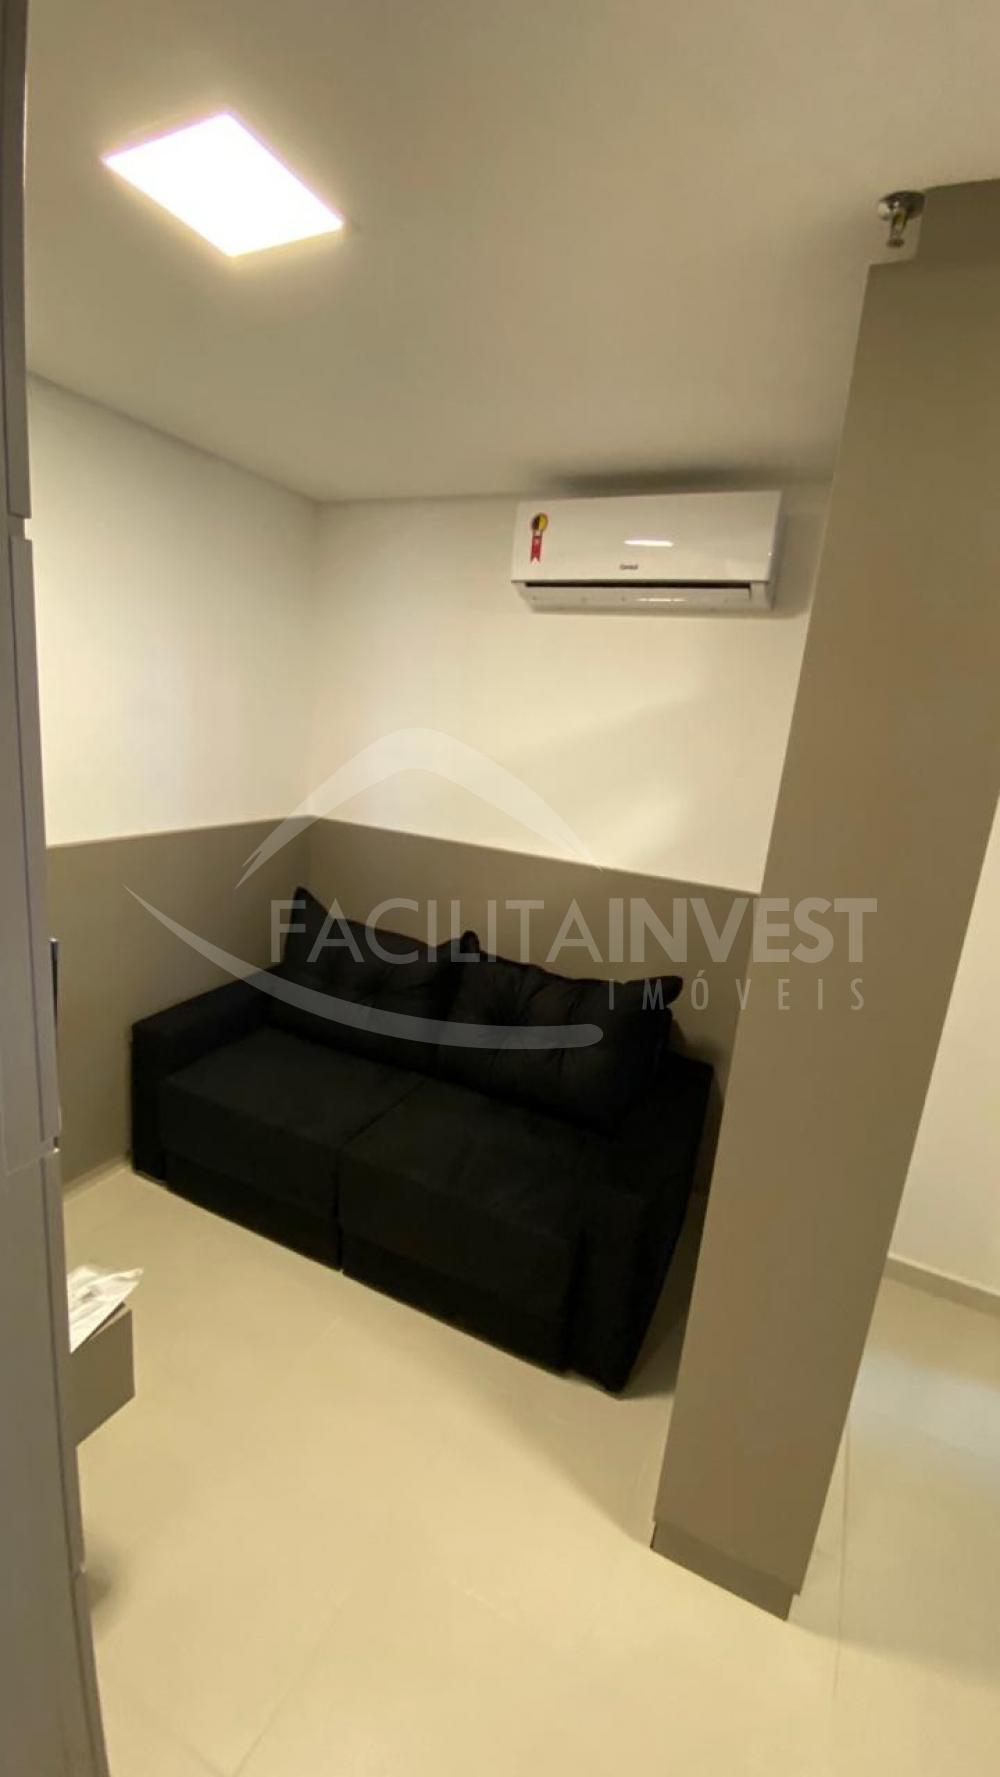 Alugar Apartamentos / Apartamento/ Flat Mobiliado em Ribeirão Preto apenas R$ 1.600,00 - Foto 4